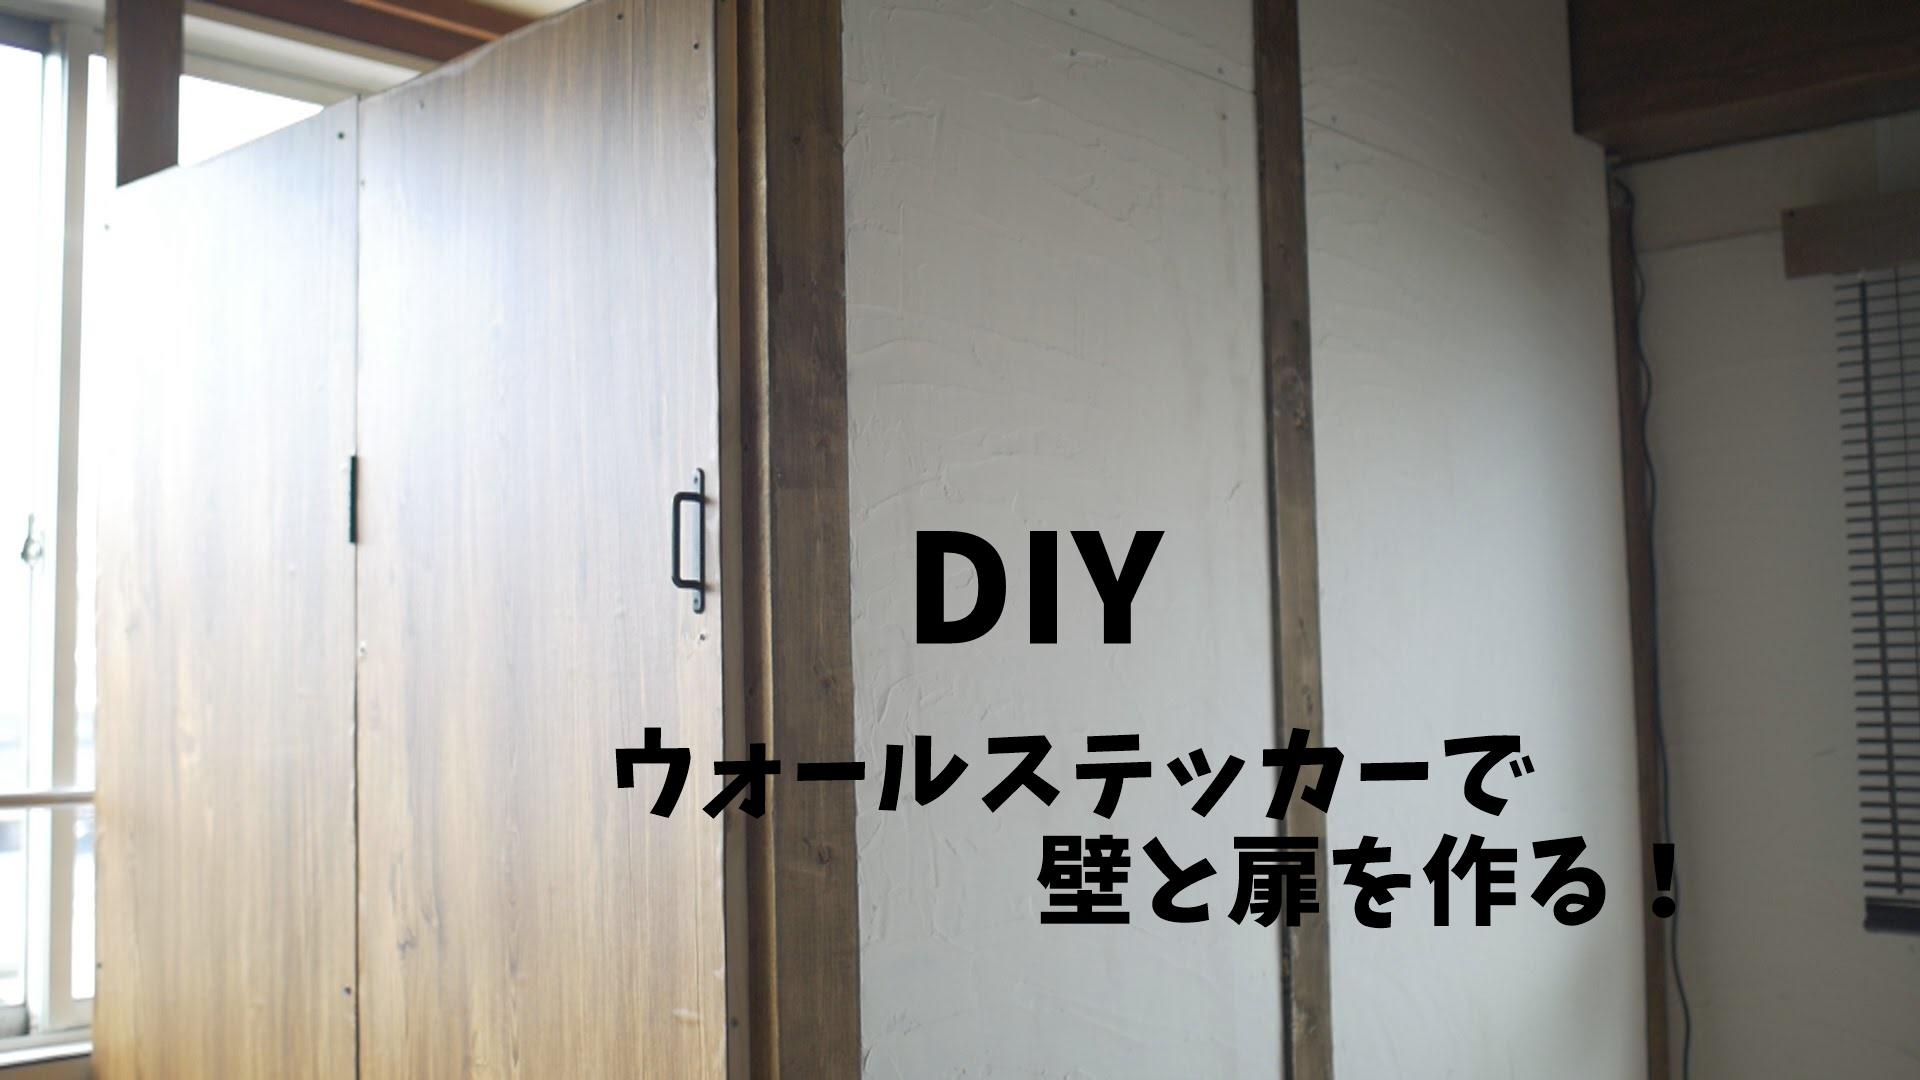 ウォールステッカー はがせる壁紙シール で間仕切り壁と扉をdiy Diy